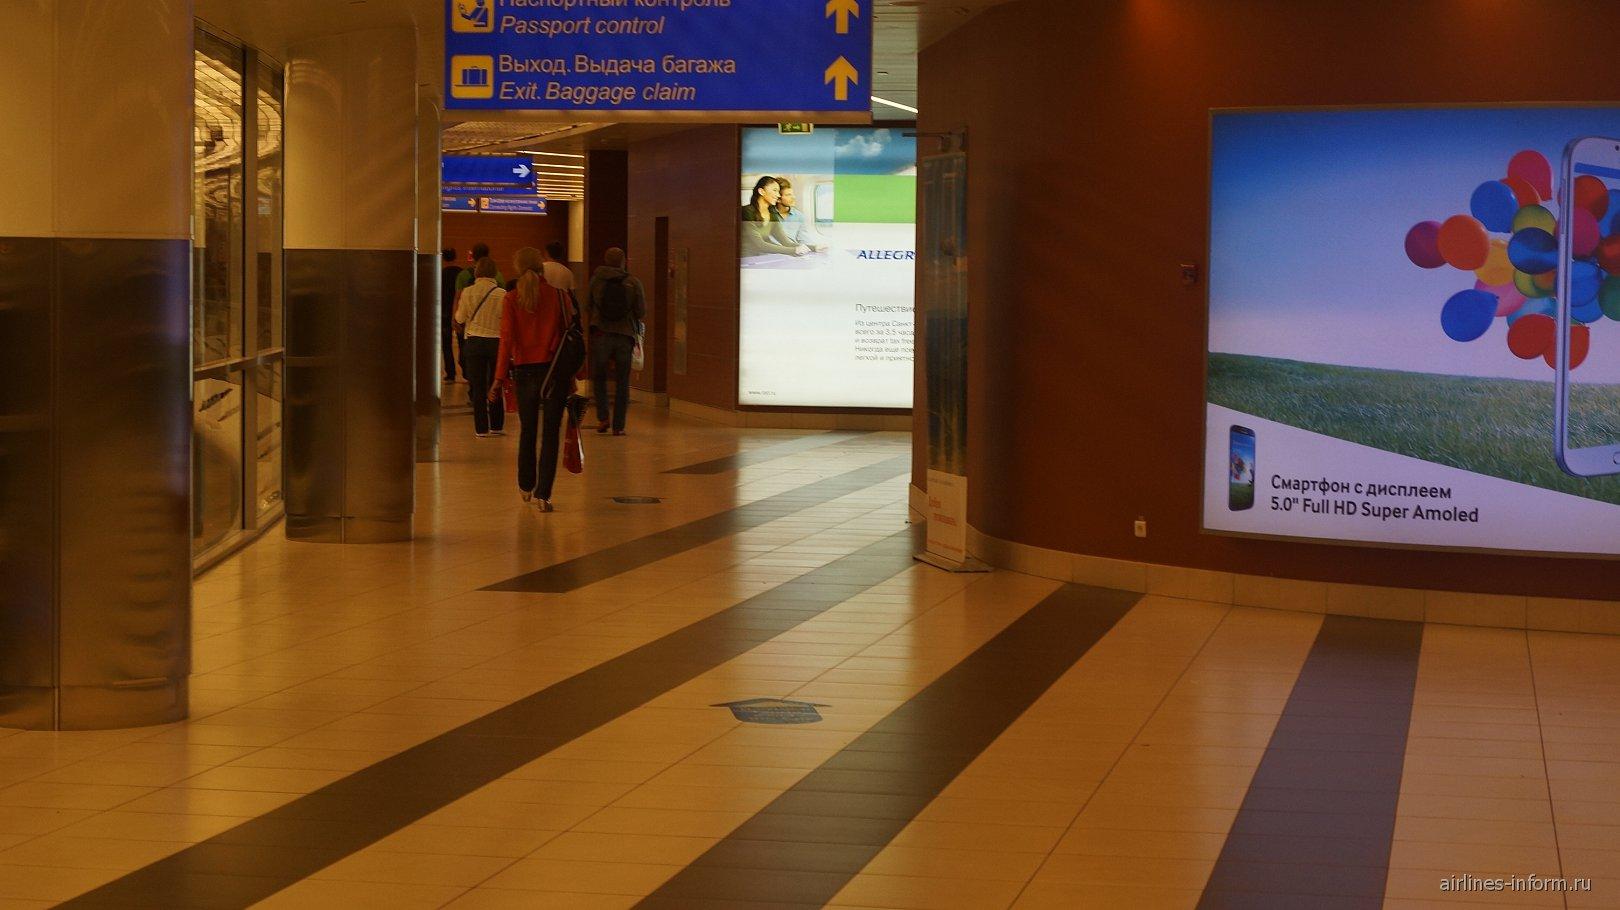 В терминале Д аэропорта Шереметьево